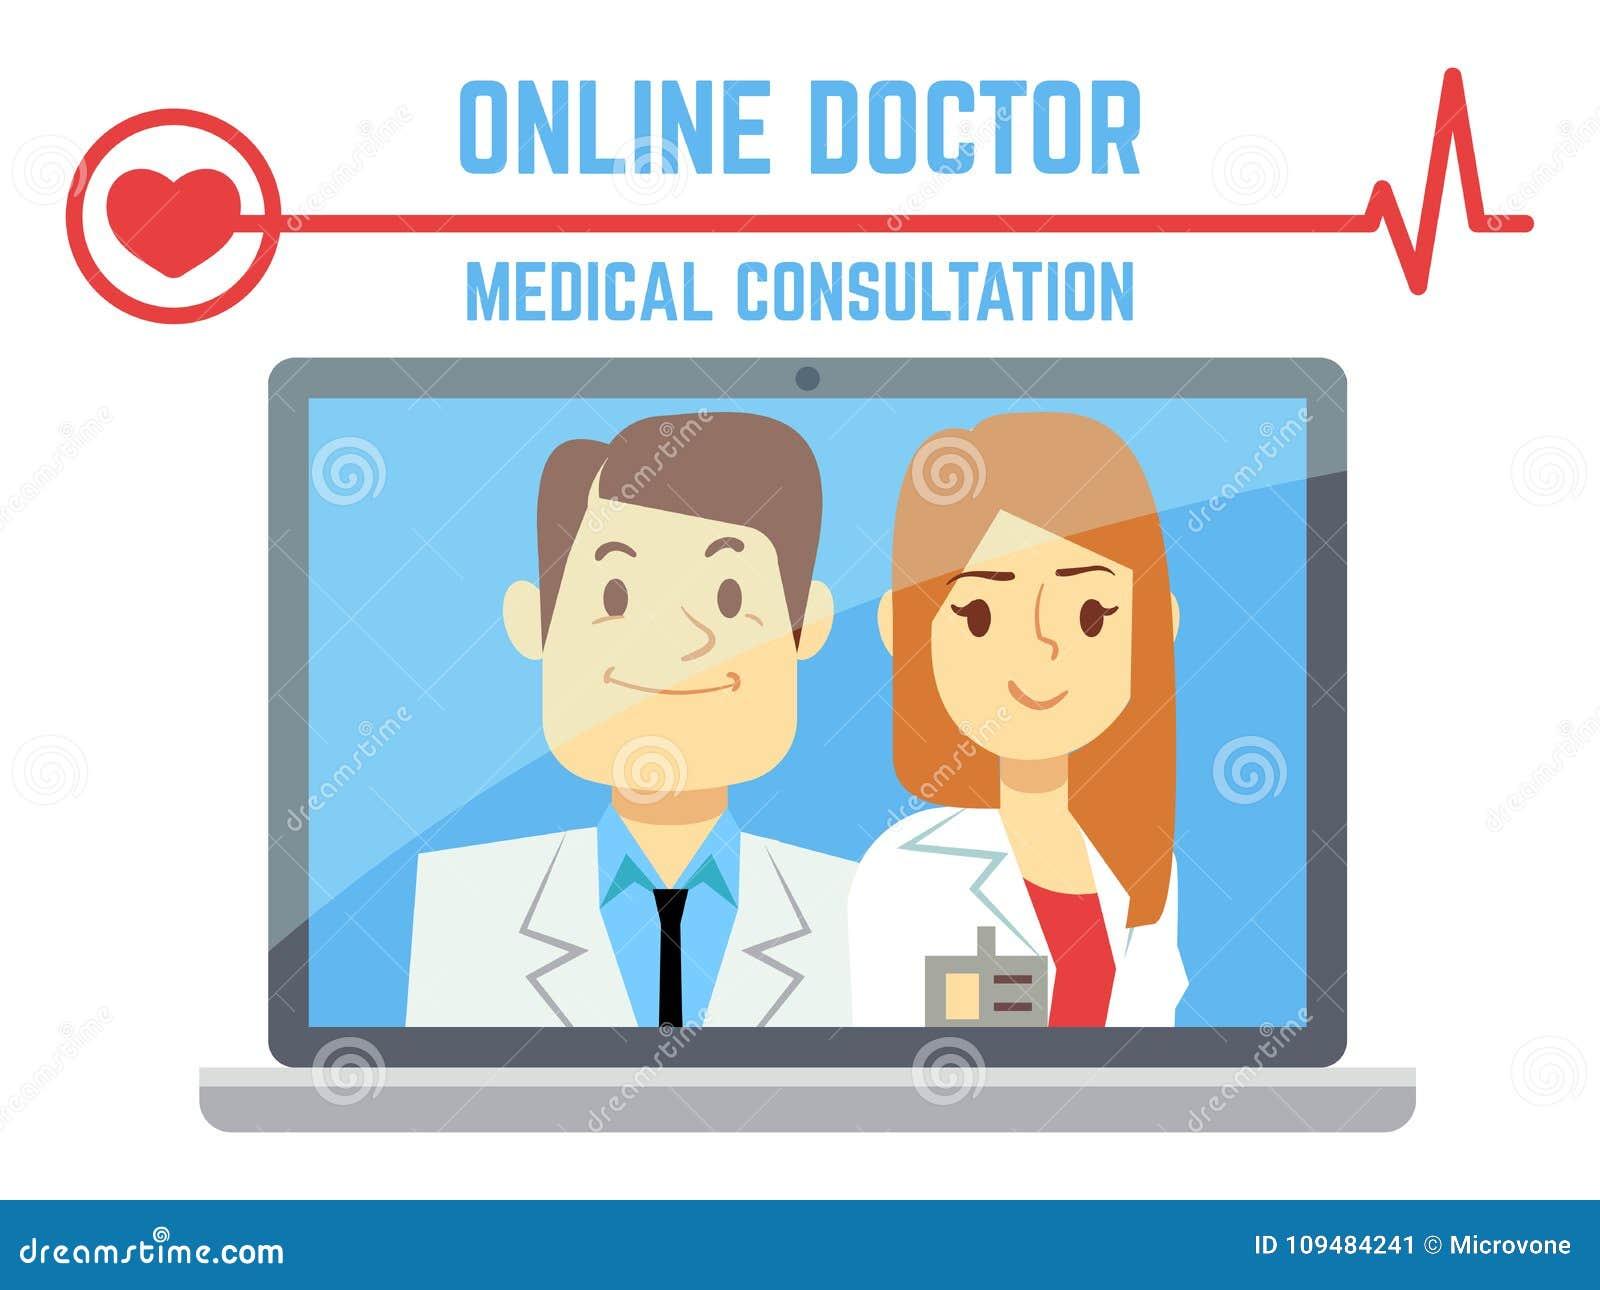 Επίπεδος αρσενικός και θηλυκός σε απευθείας σύνδεση γιατρός, υγειονομική υπηρεσία υπολογιστών Διαδικτύου